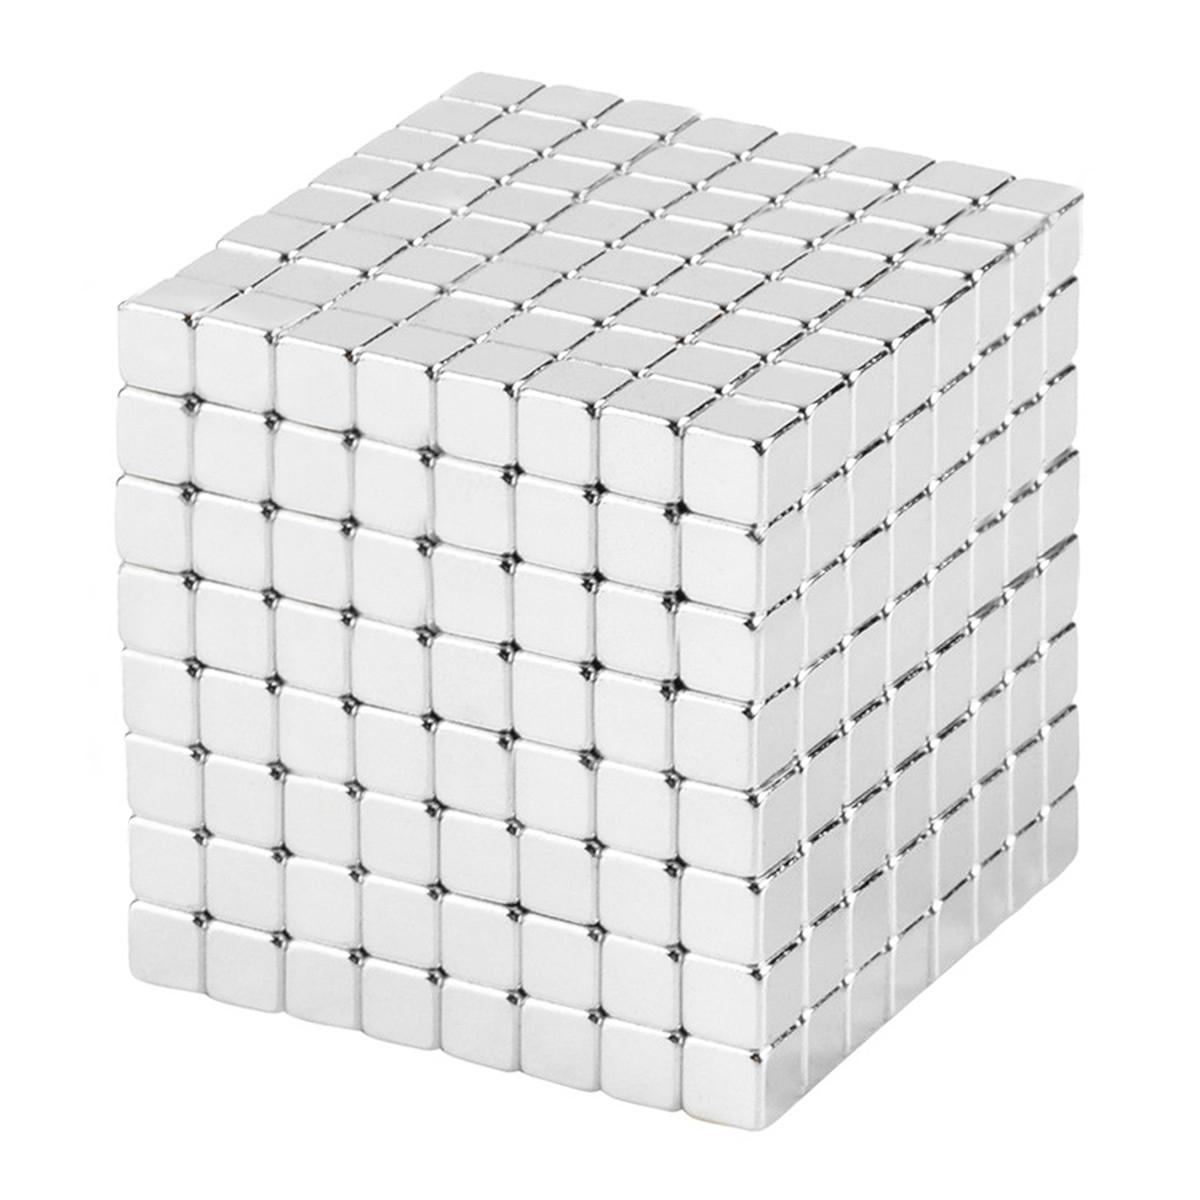 Магнітні кубики-головоломка SKY NEOCUBE (V5) комплект (512 шт) Silver